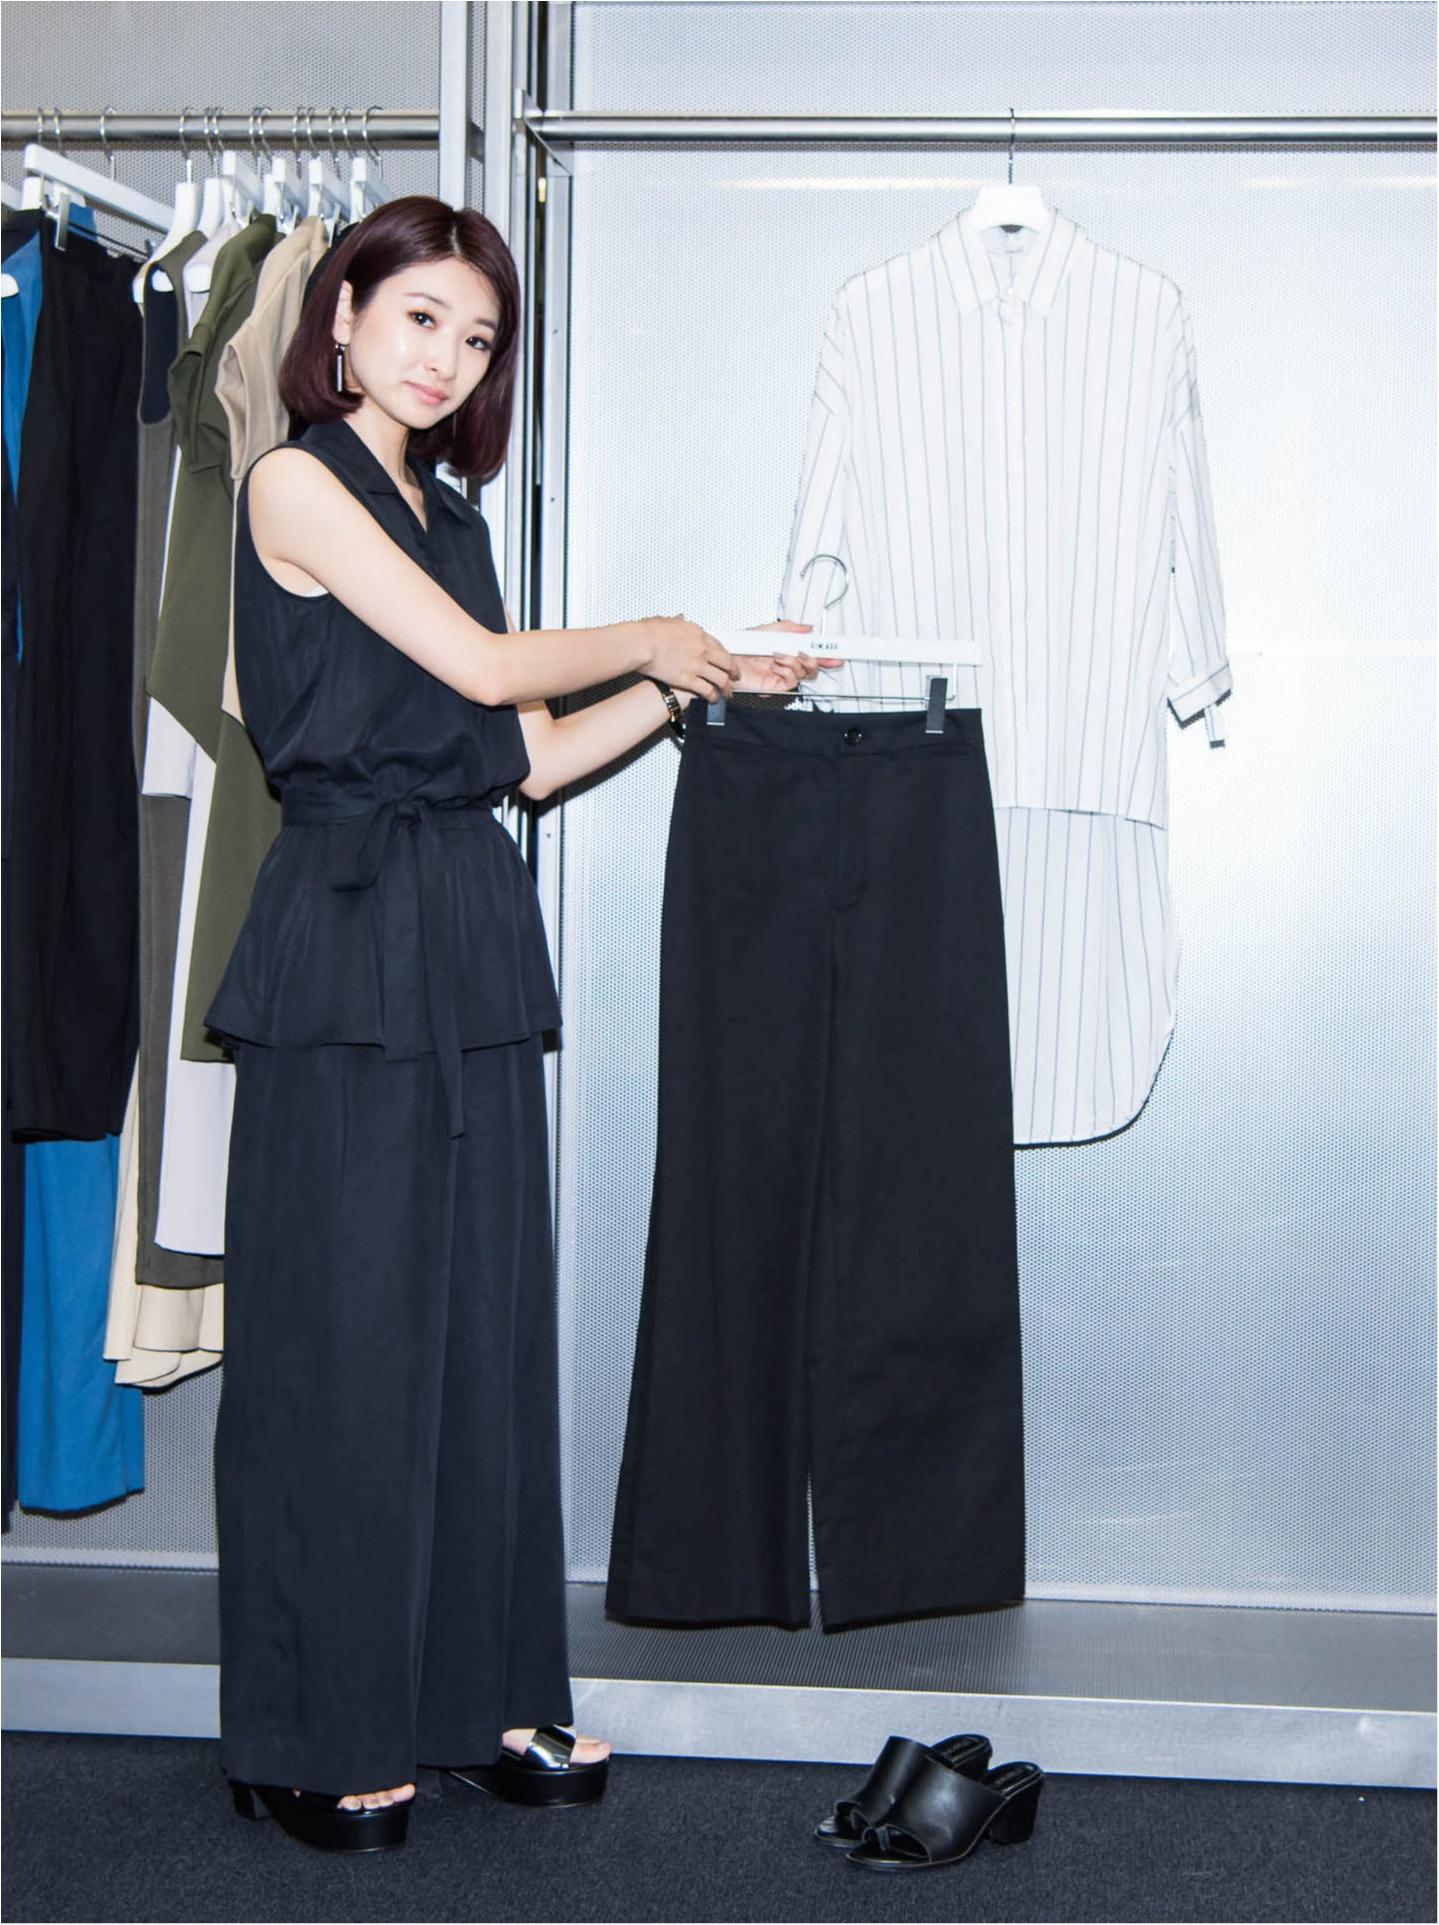 シンプルの中にこだわりを詰め込んだ『RIM.ARK』プレスルームに突撃! ディレクター・中村真里さんが魅力を語ります♡_7